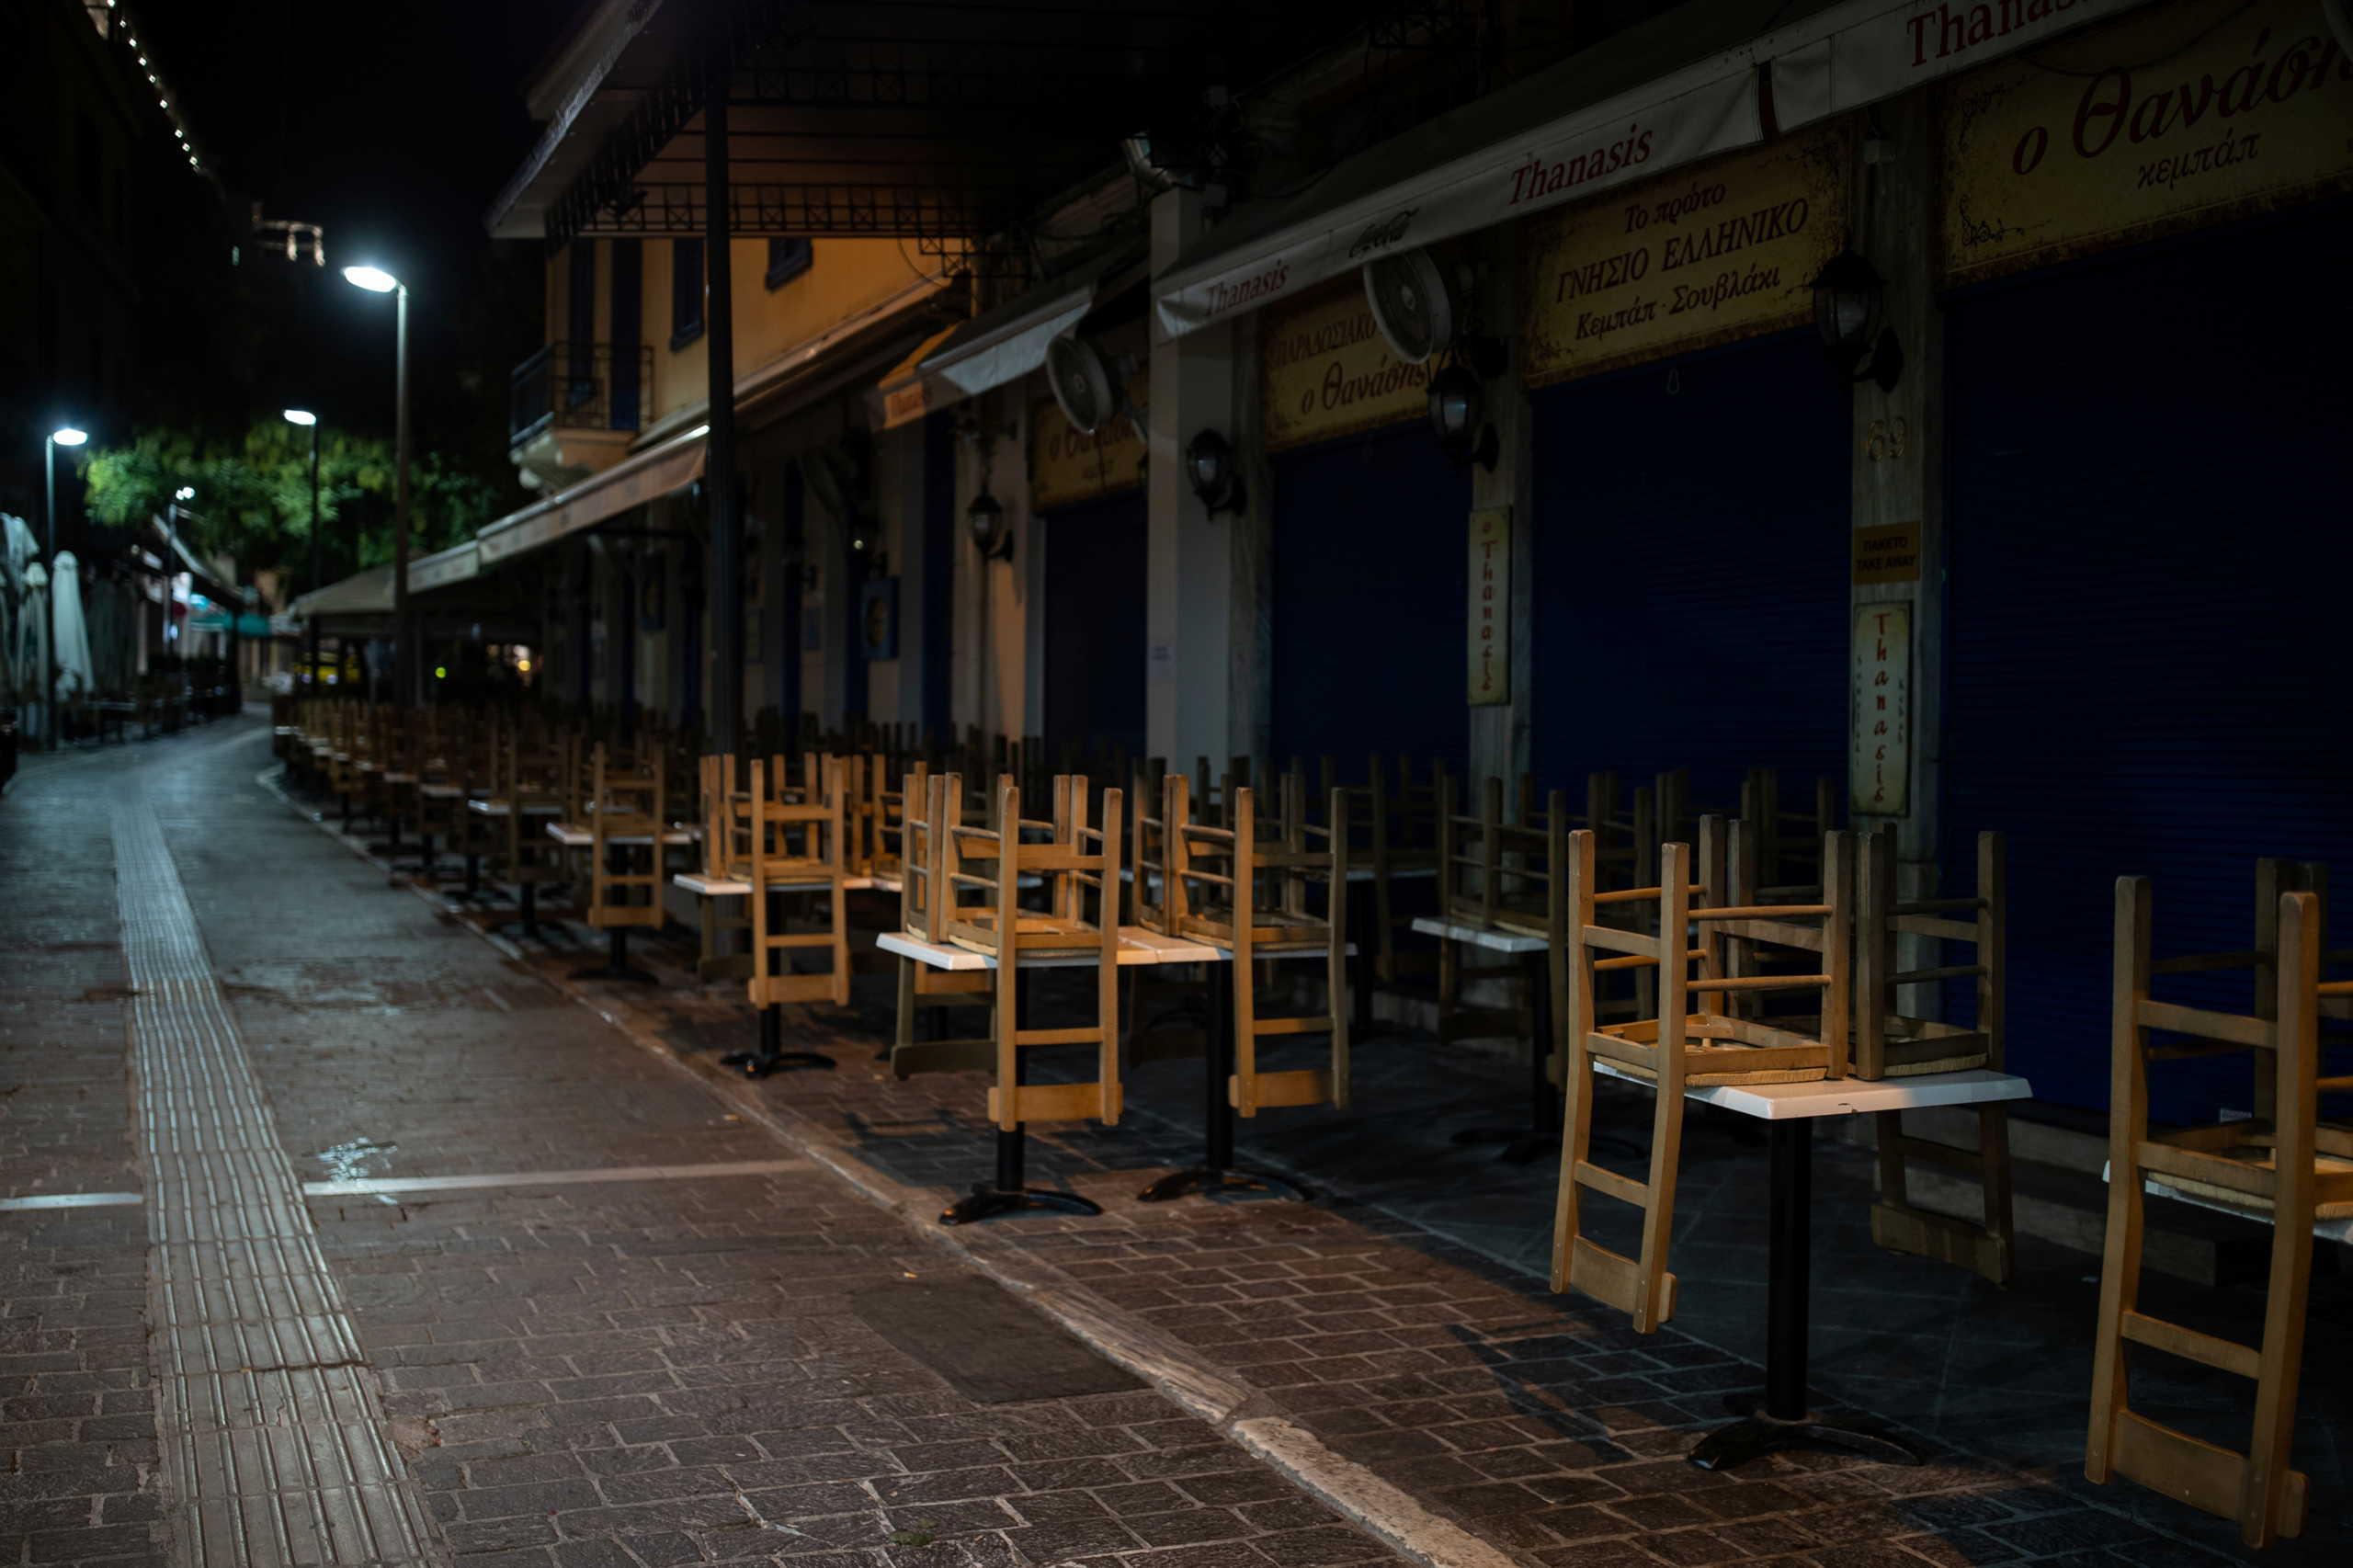 Παπαθανάσης: Μετά το Πάσχα σε ανοικτούς χώρους θα ανοίξει η εστίαση